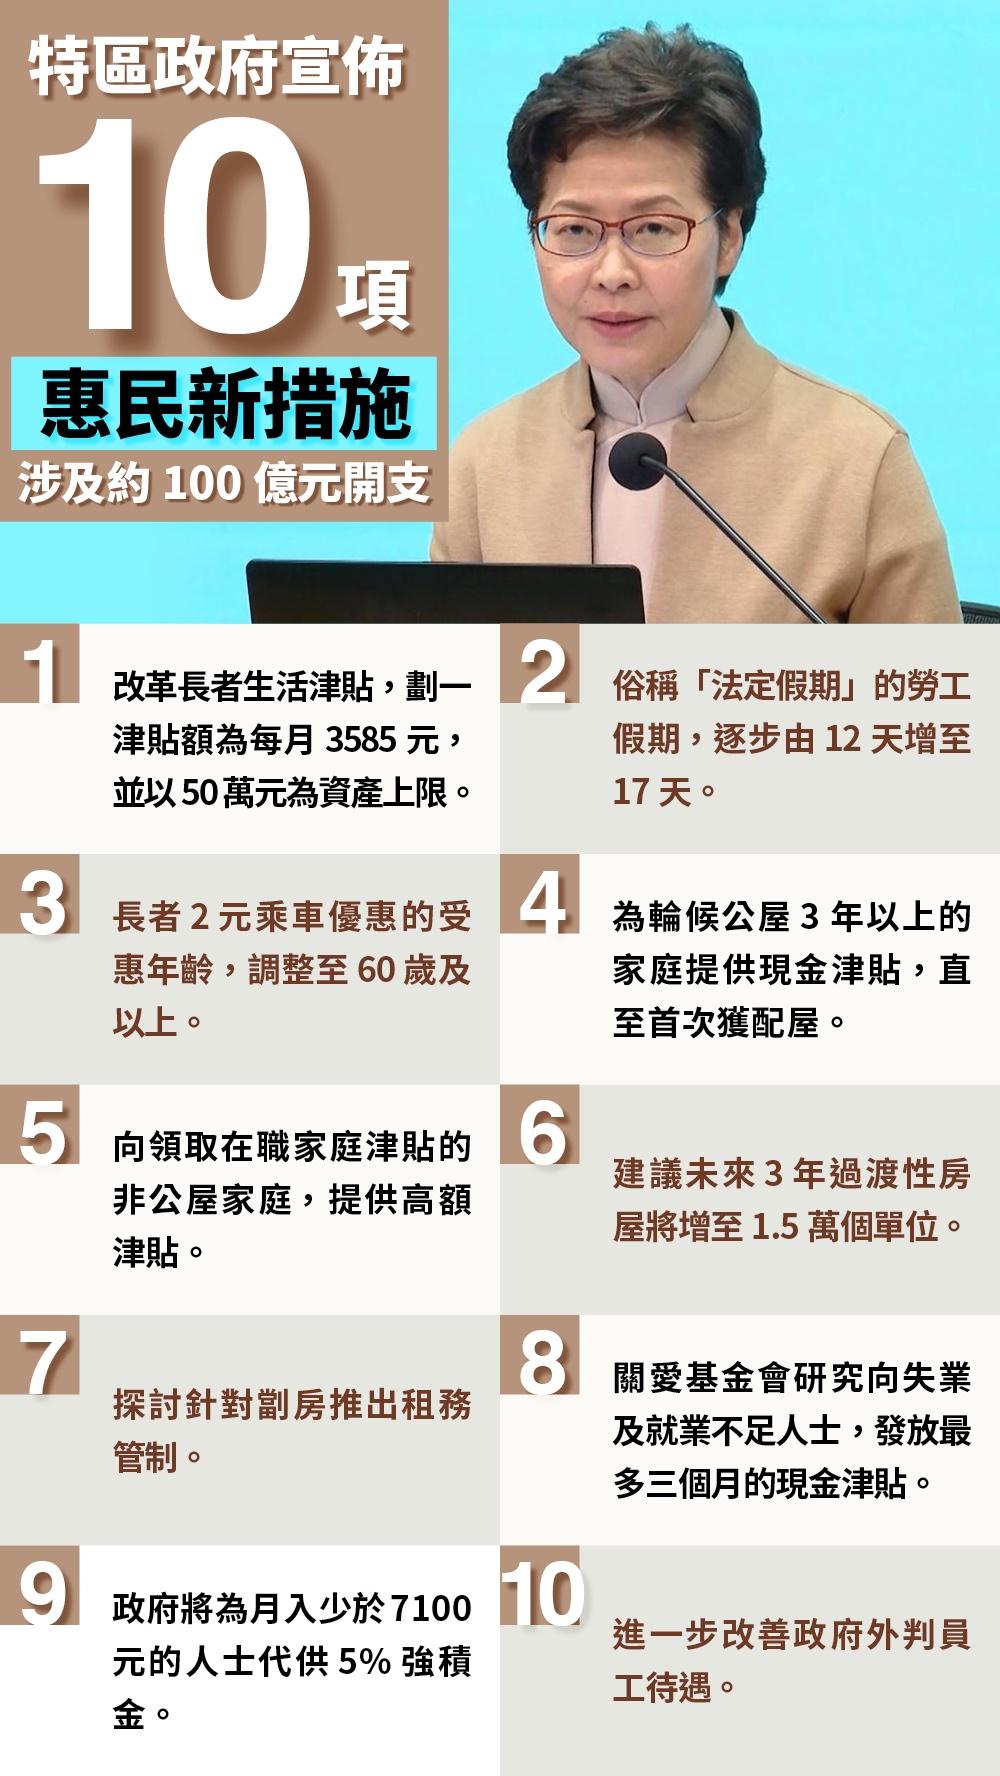 港府宣布开支百亿实施10项惠民新措施 惠及百万人(图)